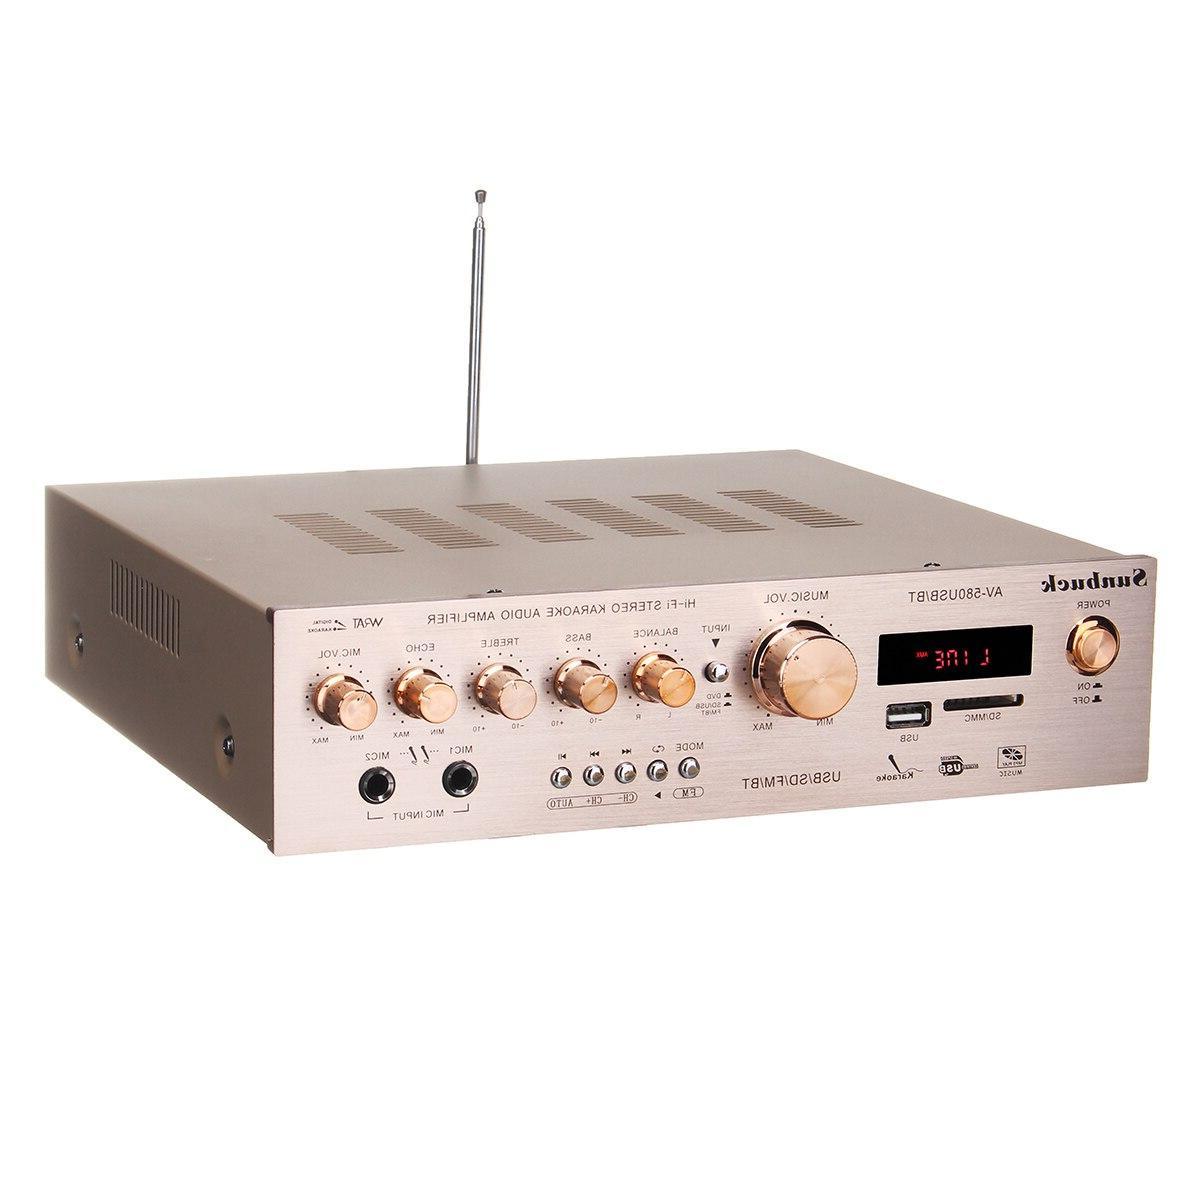 920W HiFi <font><b>Stereo</b></font> AV Surround <font><b>Amplifier</b></font> FM <font><b>Home</b></font> <font><b>Home</b></font> <font><b>Amplifiers</b></font>